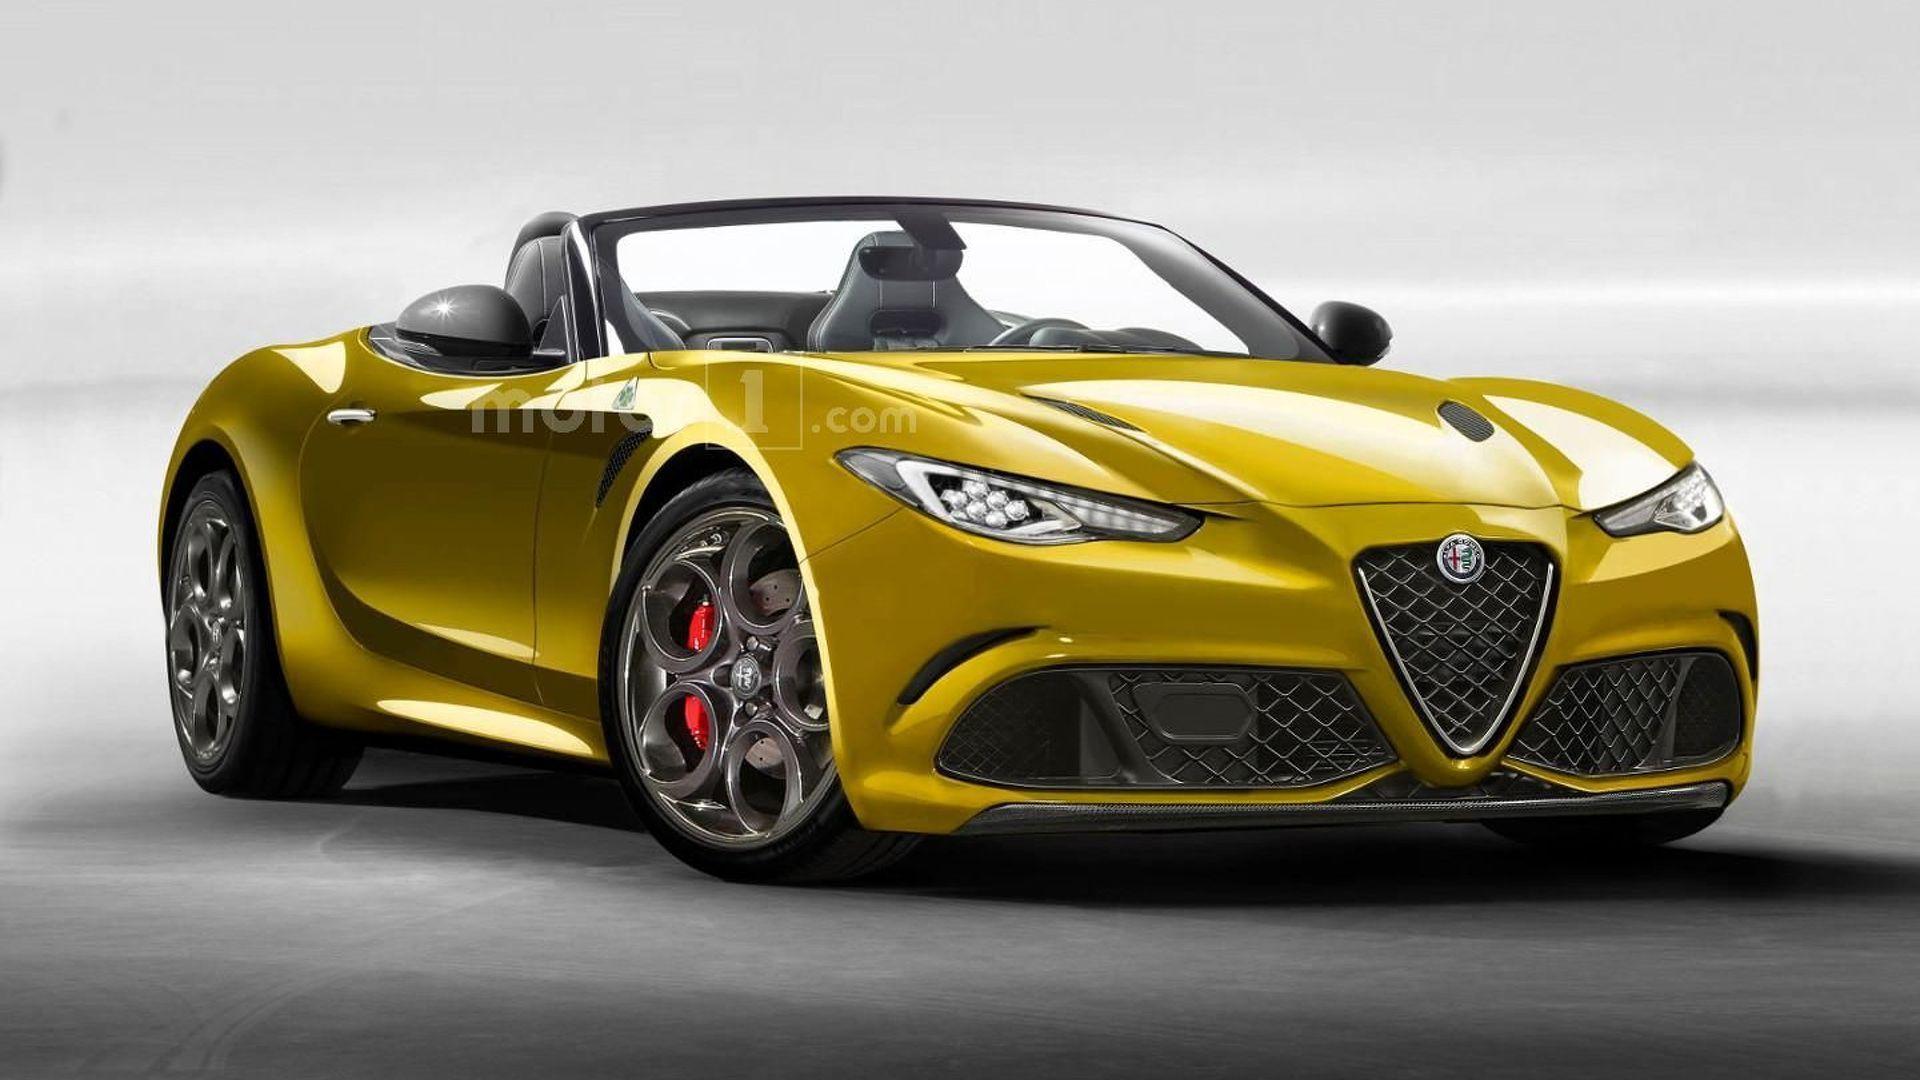 2020 Alfa Romeo Duetto Spy Shoot